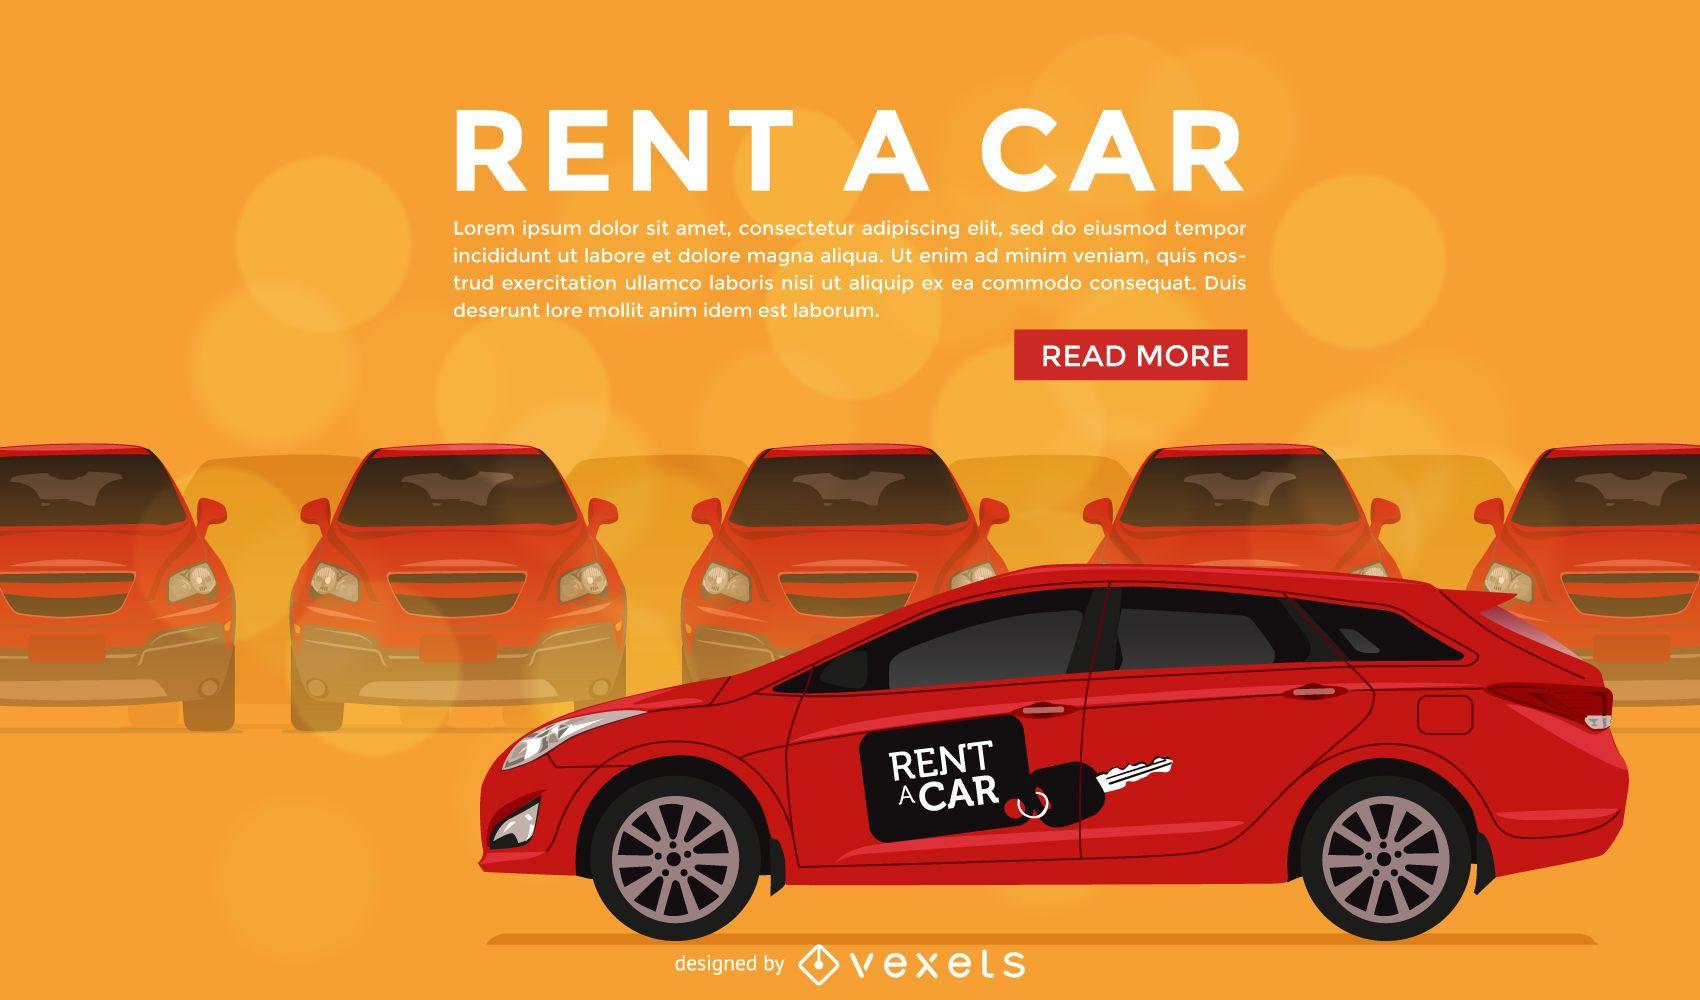 Ilustración de alquilar un coche